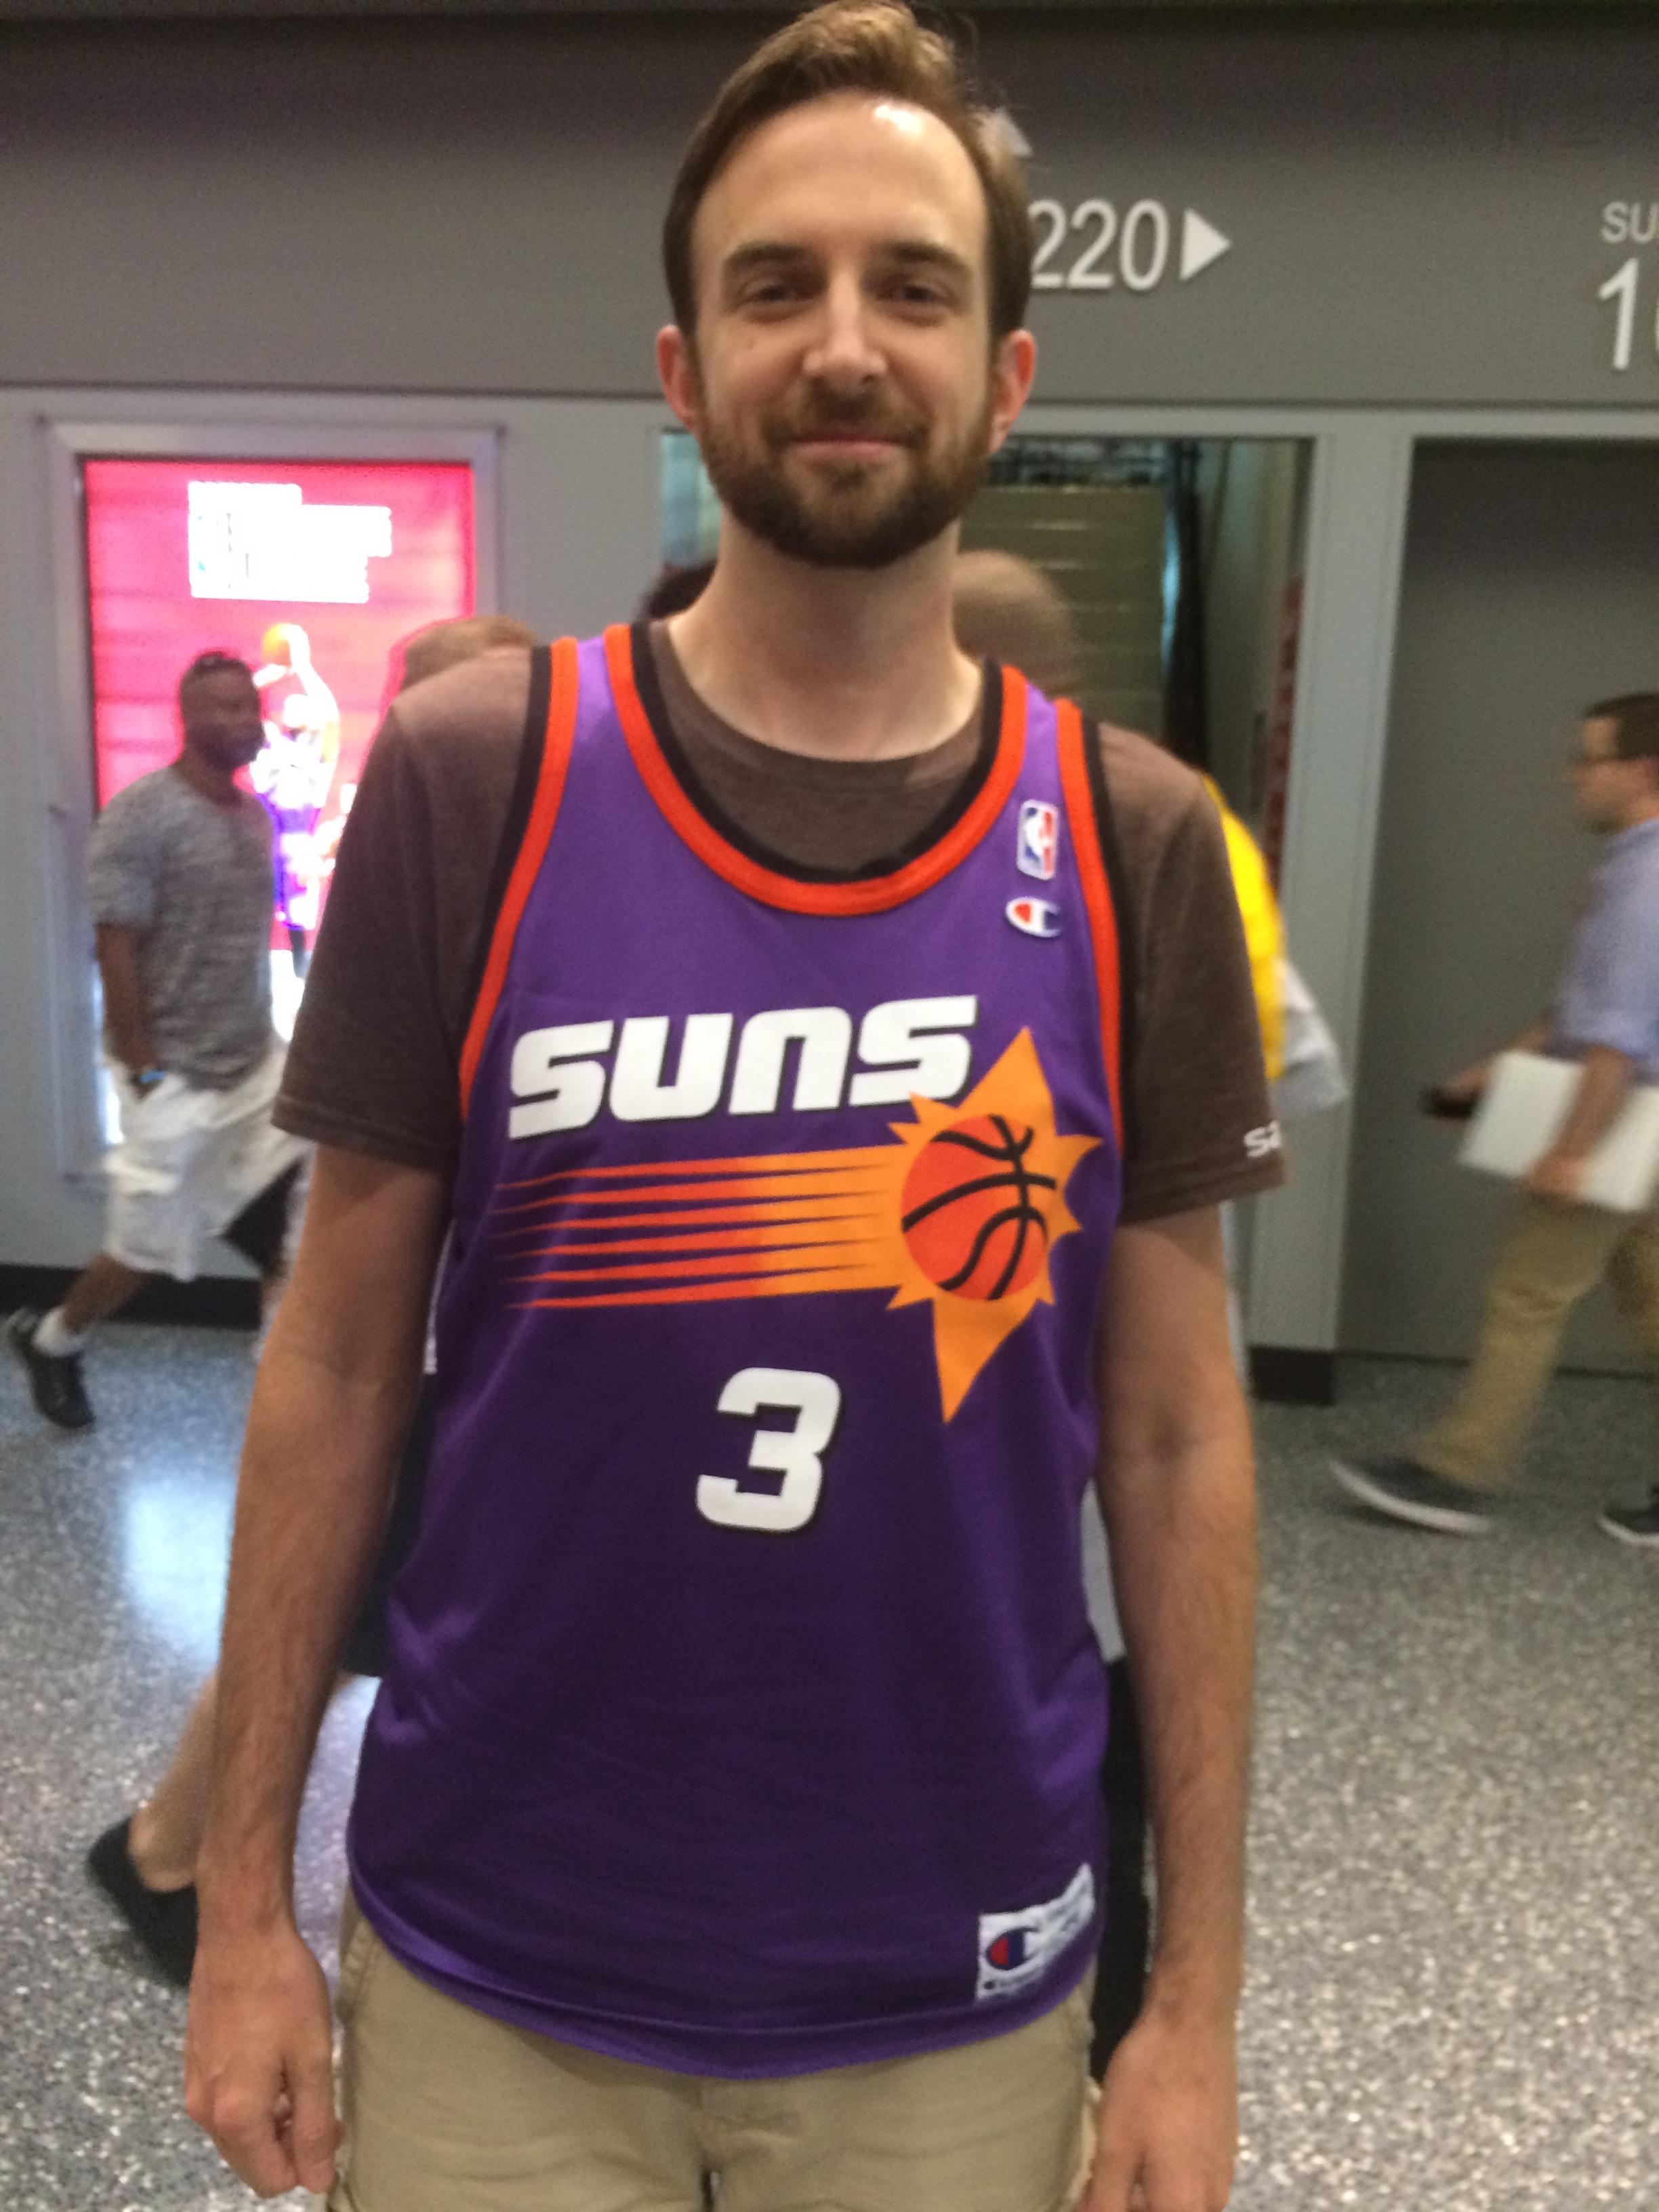 NBA Summer League is a never ending fashion show of weird jerseys